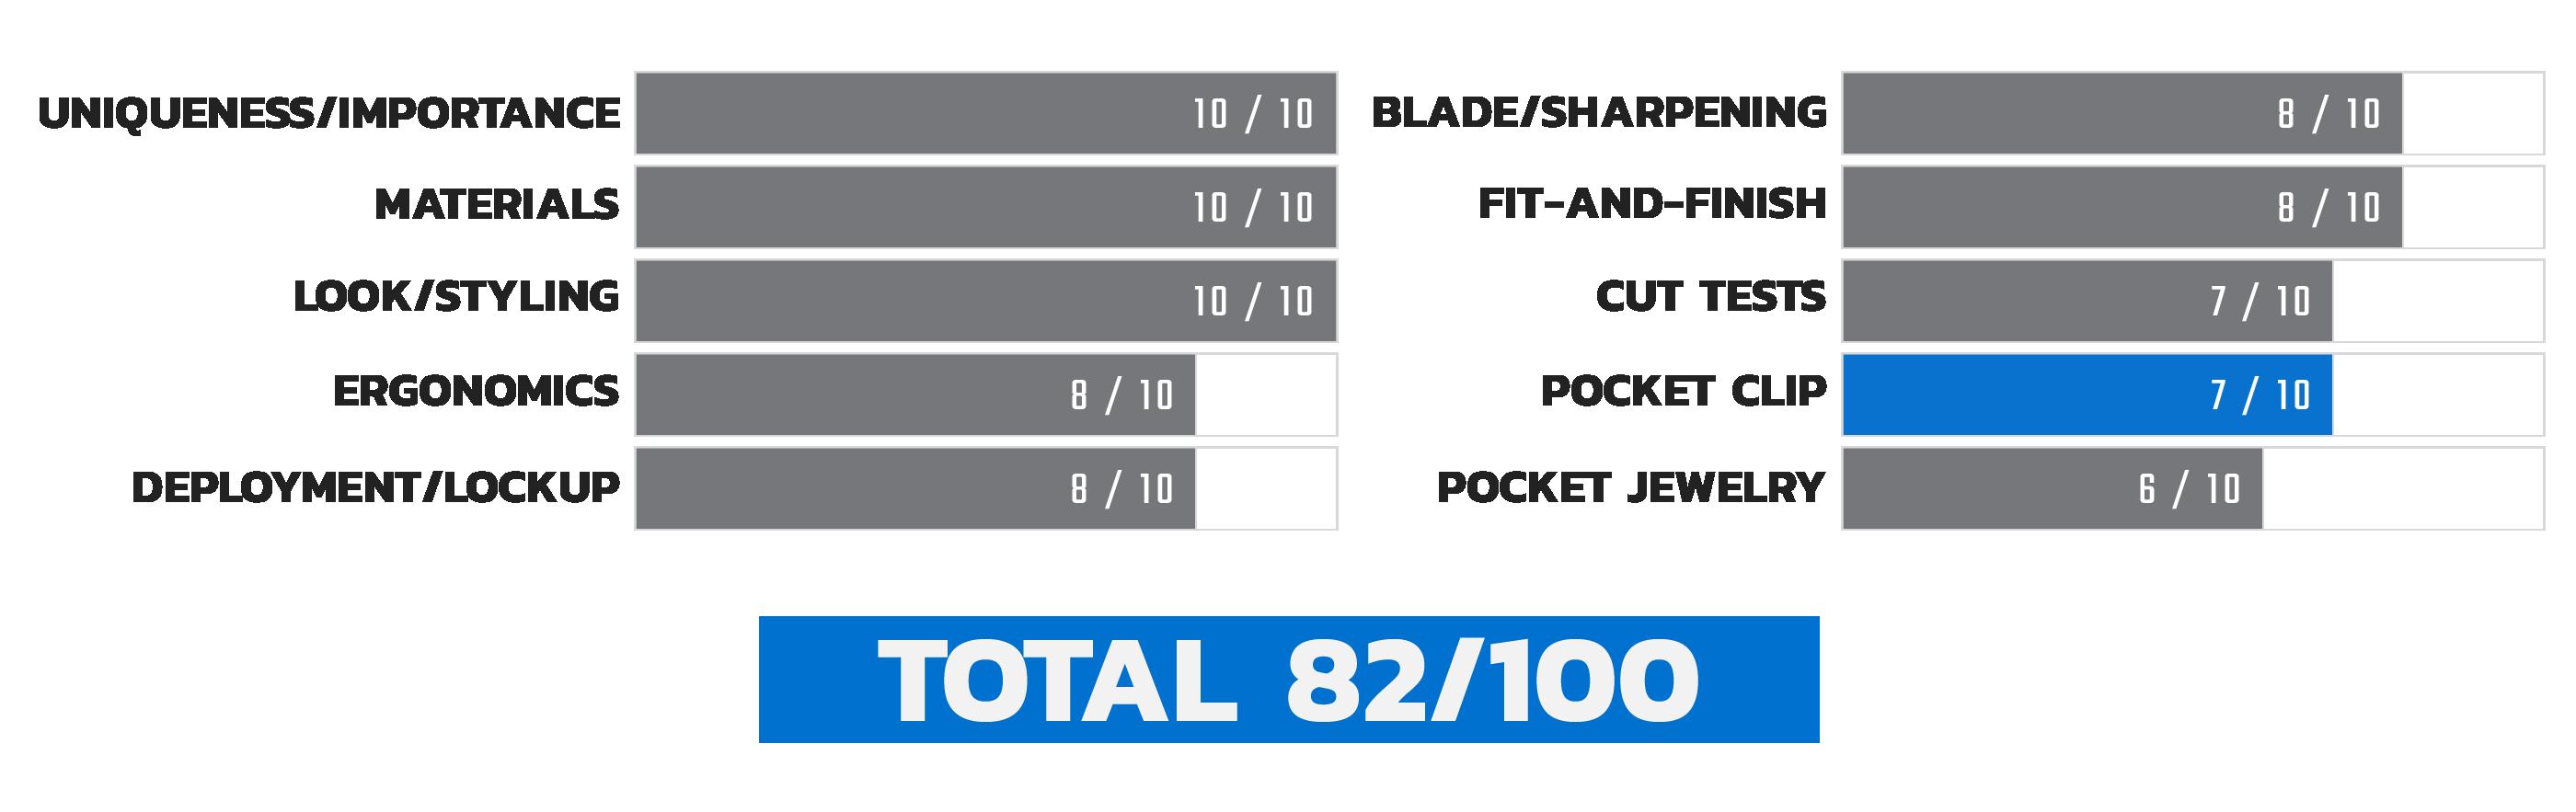 Launch 4 Pocket Clip Score Chart